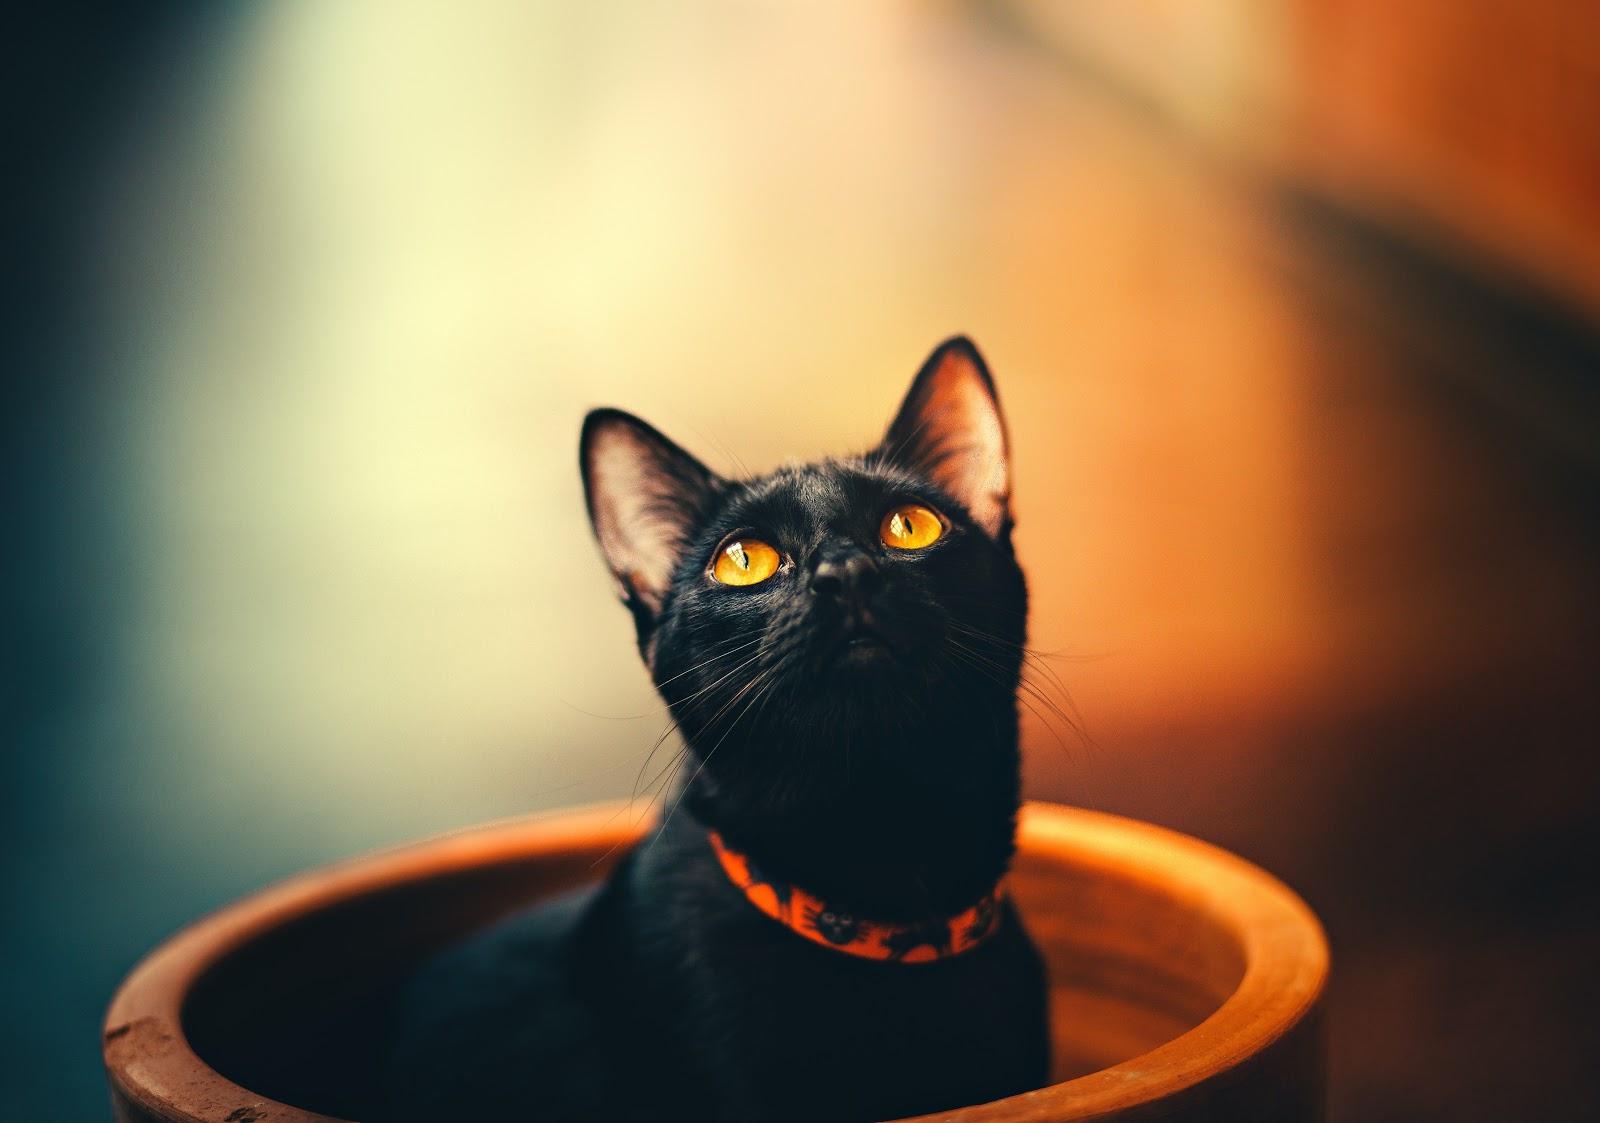 A kitten sitting in a pot looking upward